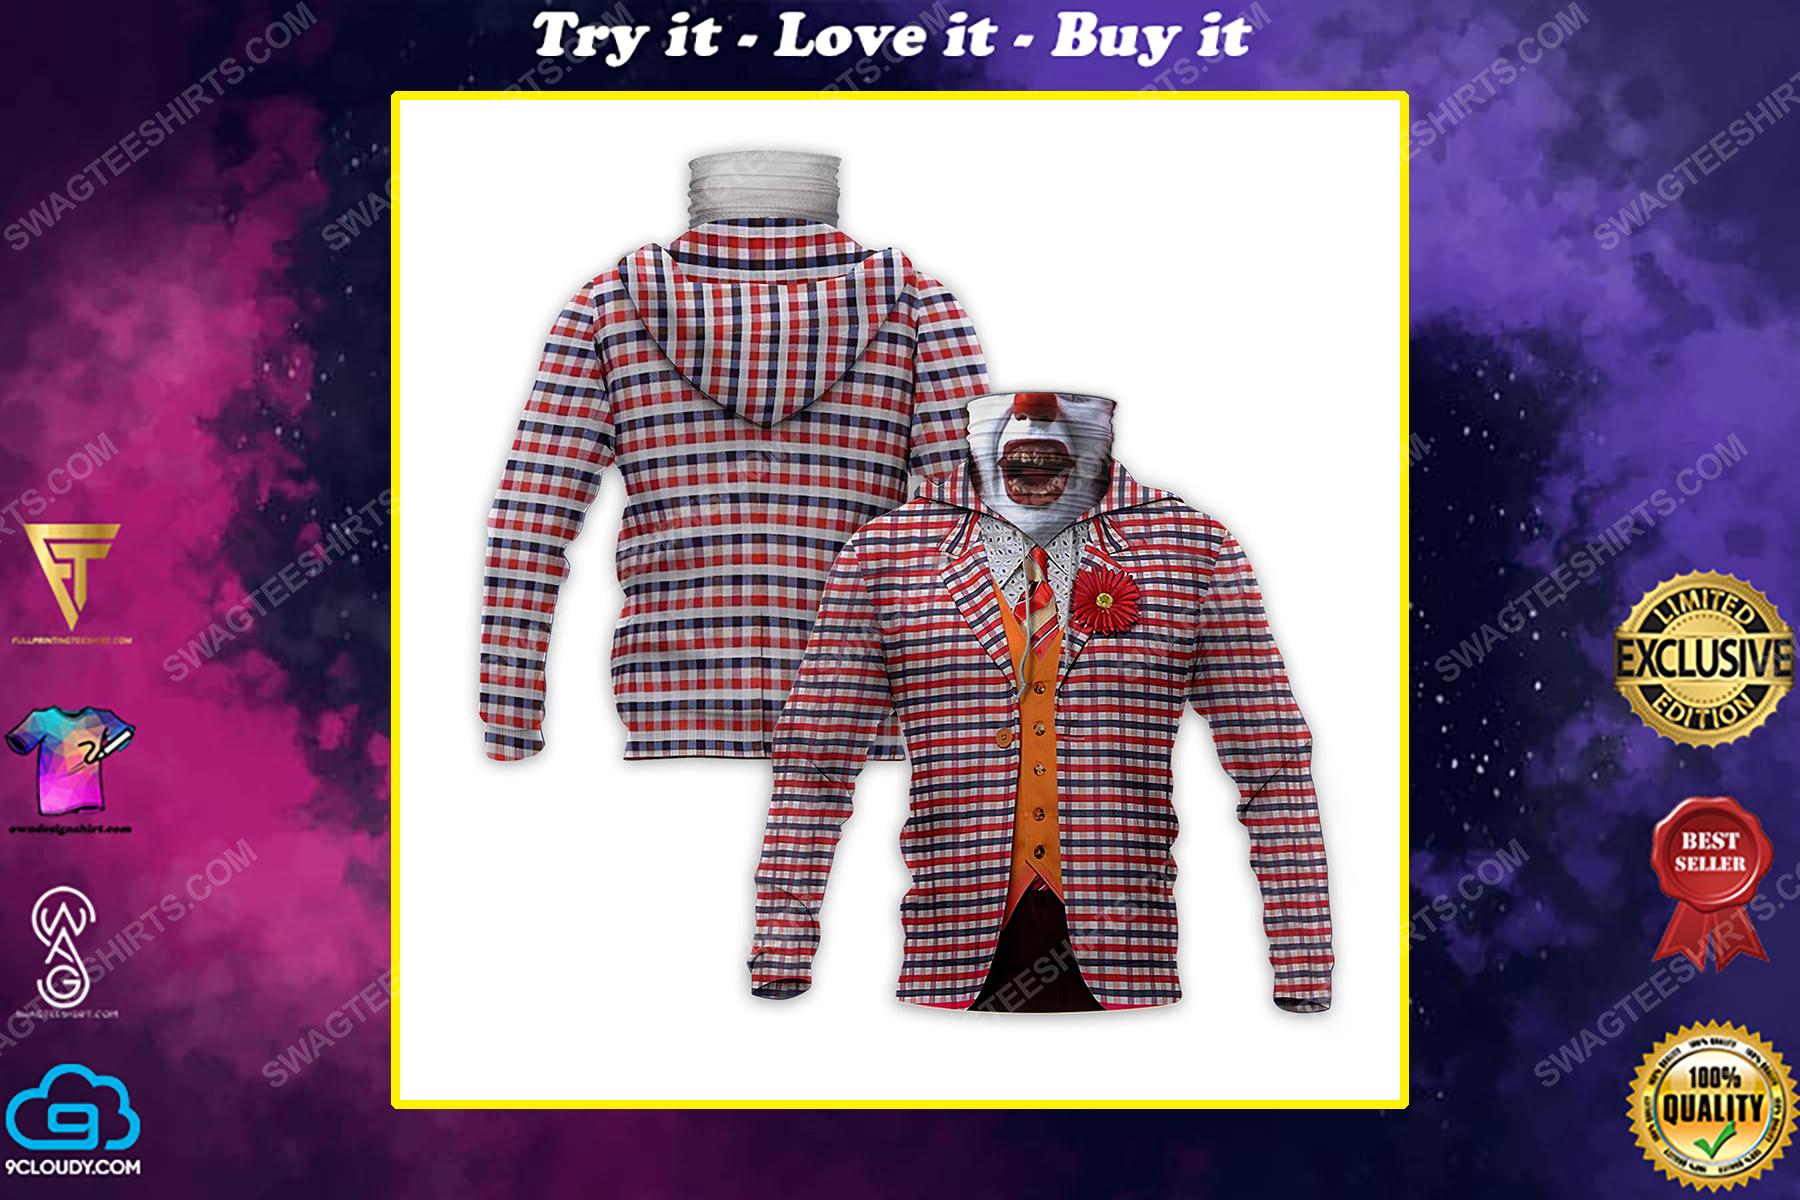 The movie joker for halloween full print mask hoodie